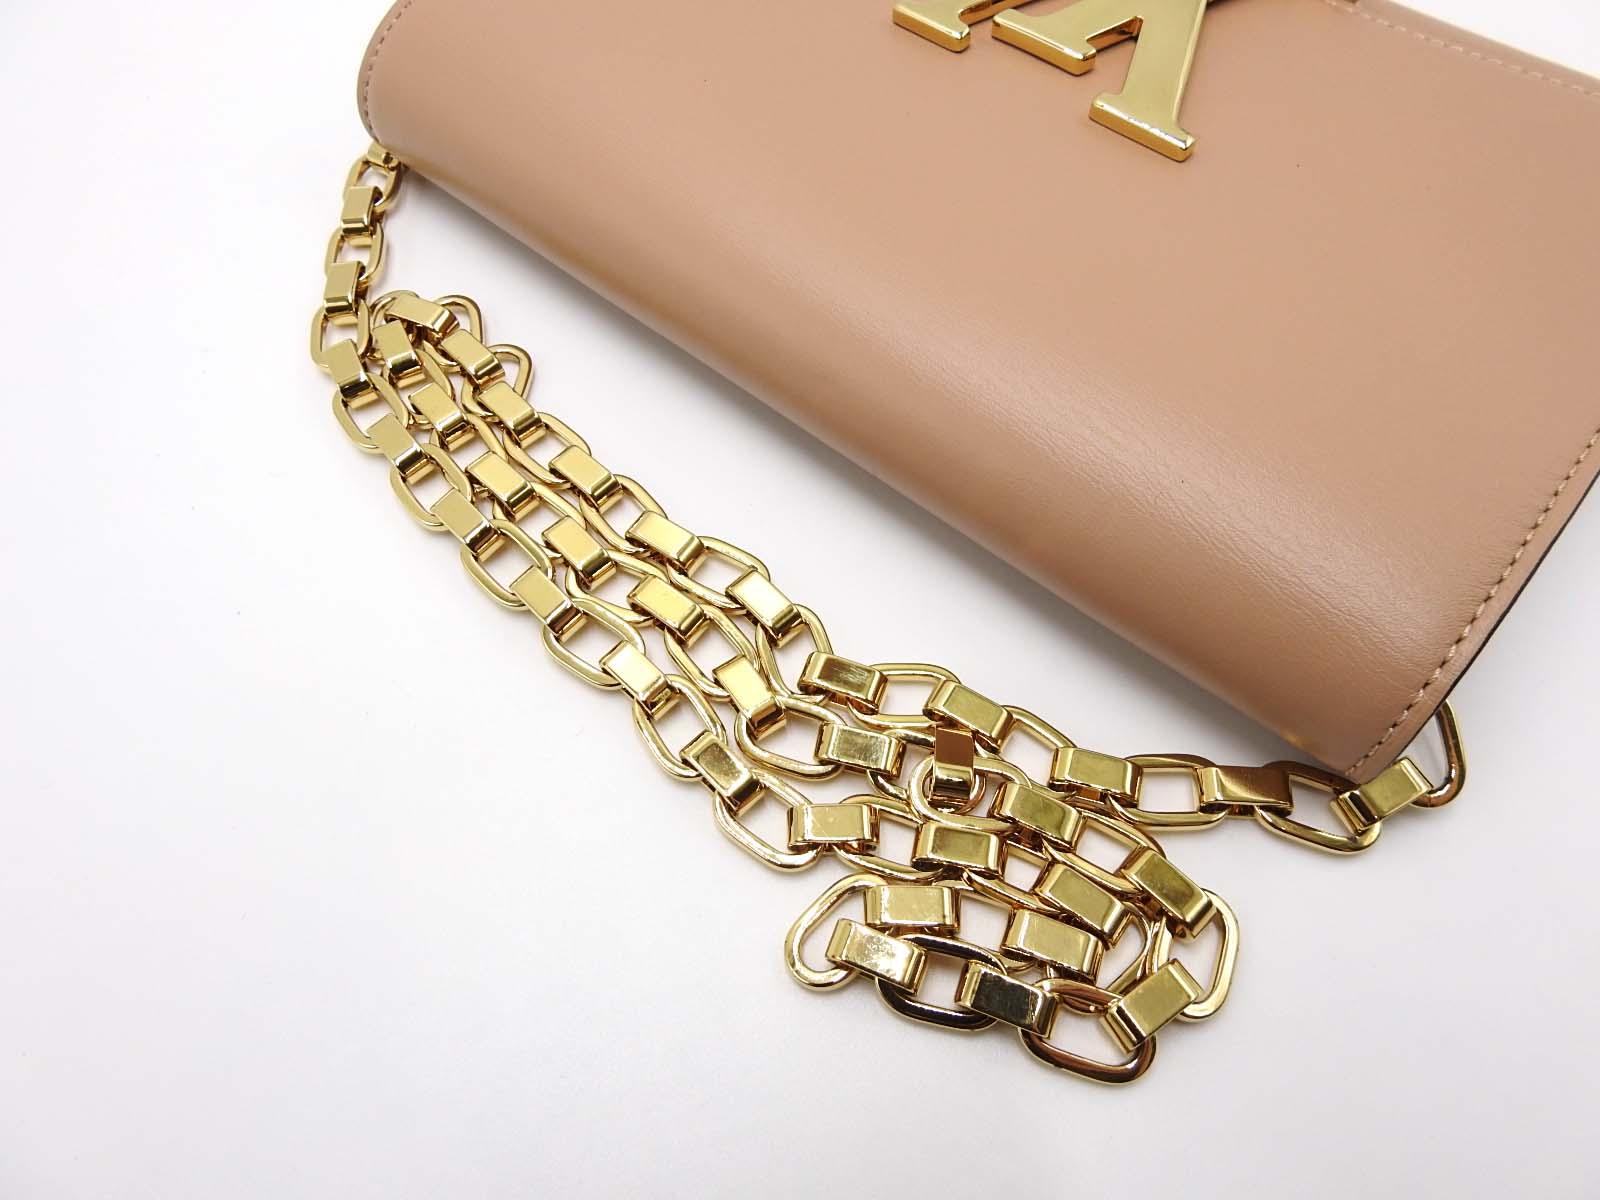 Authentic Louis Vuitton Monogram Pochette Twin GM shoulder